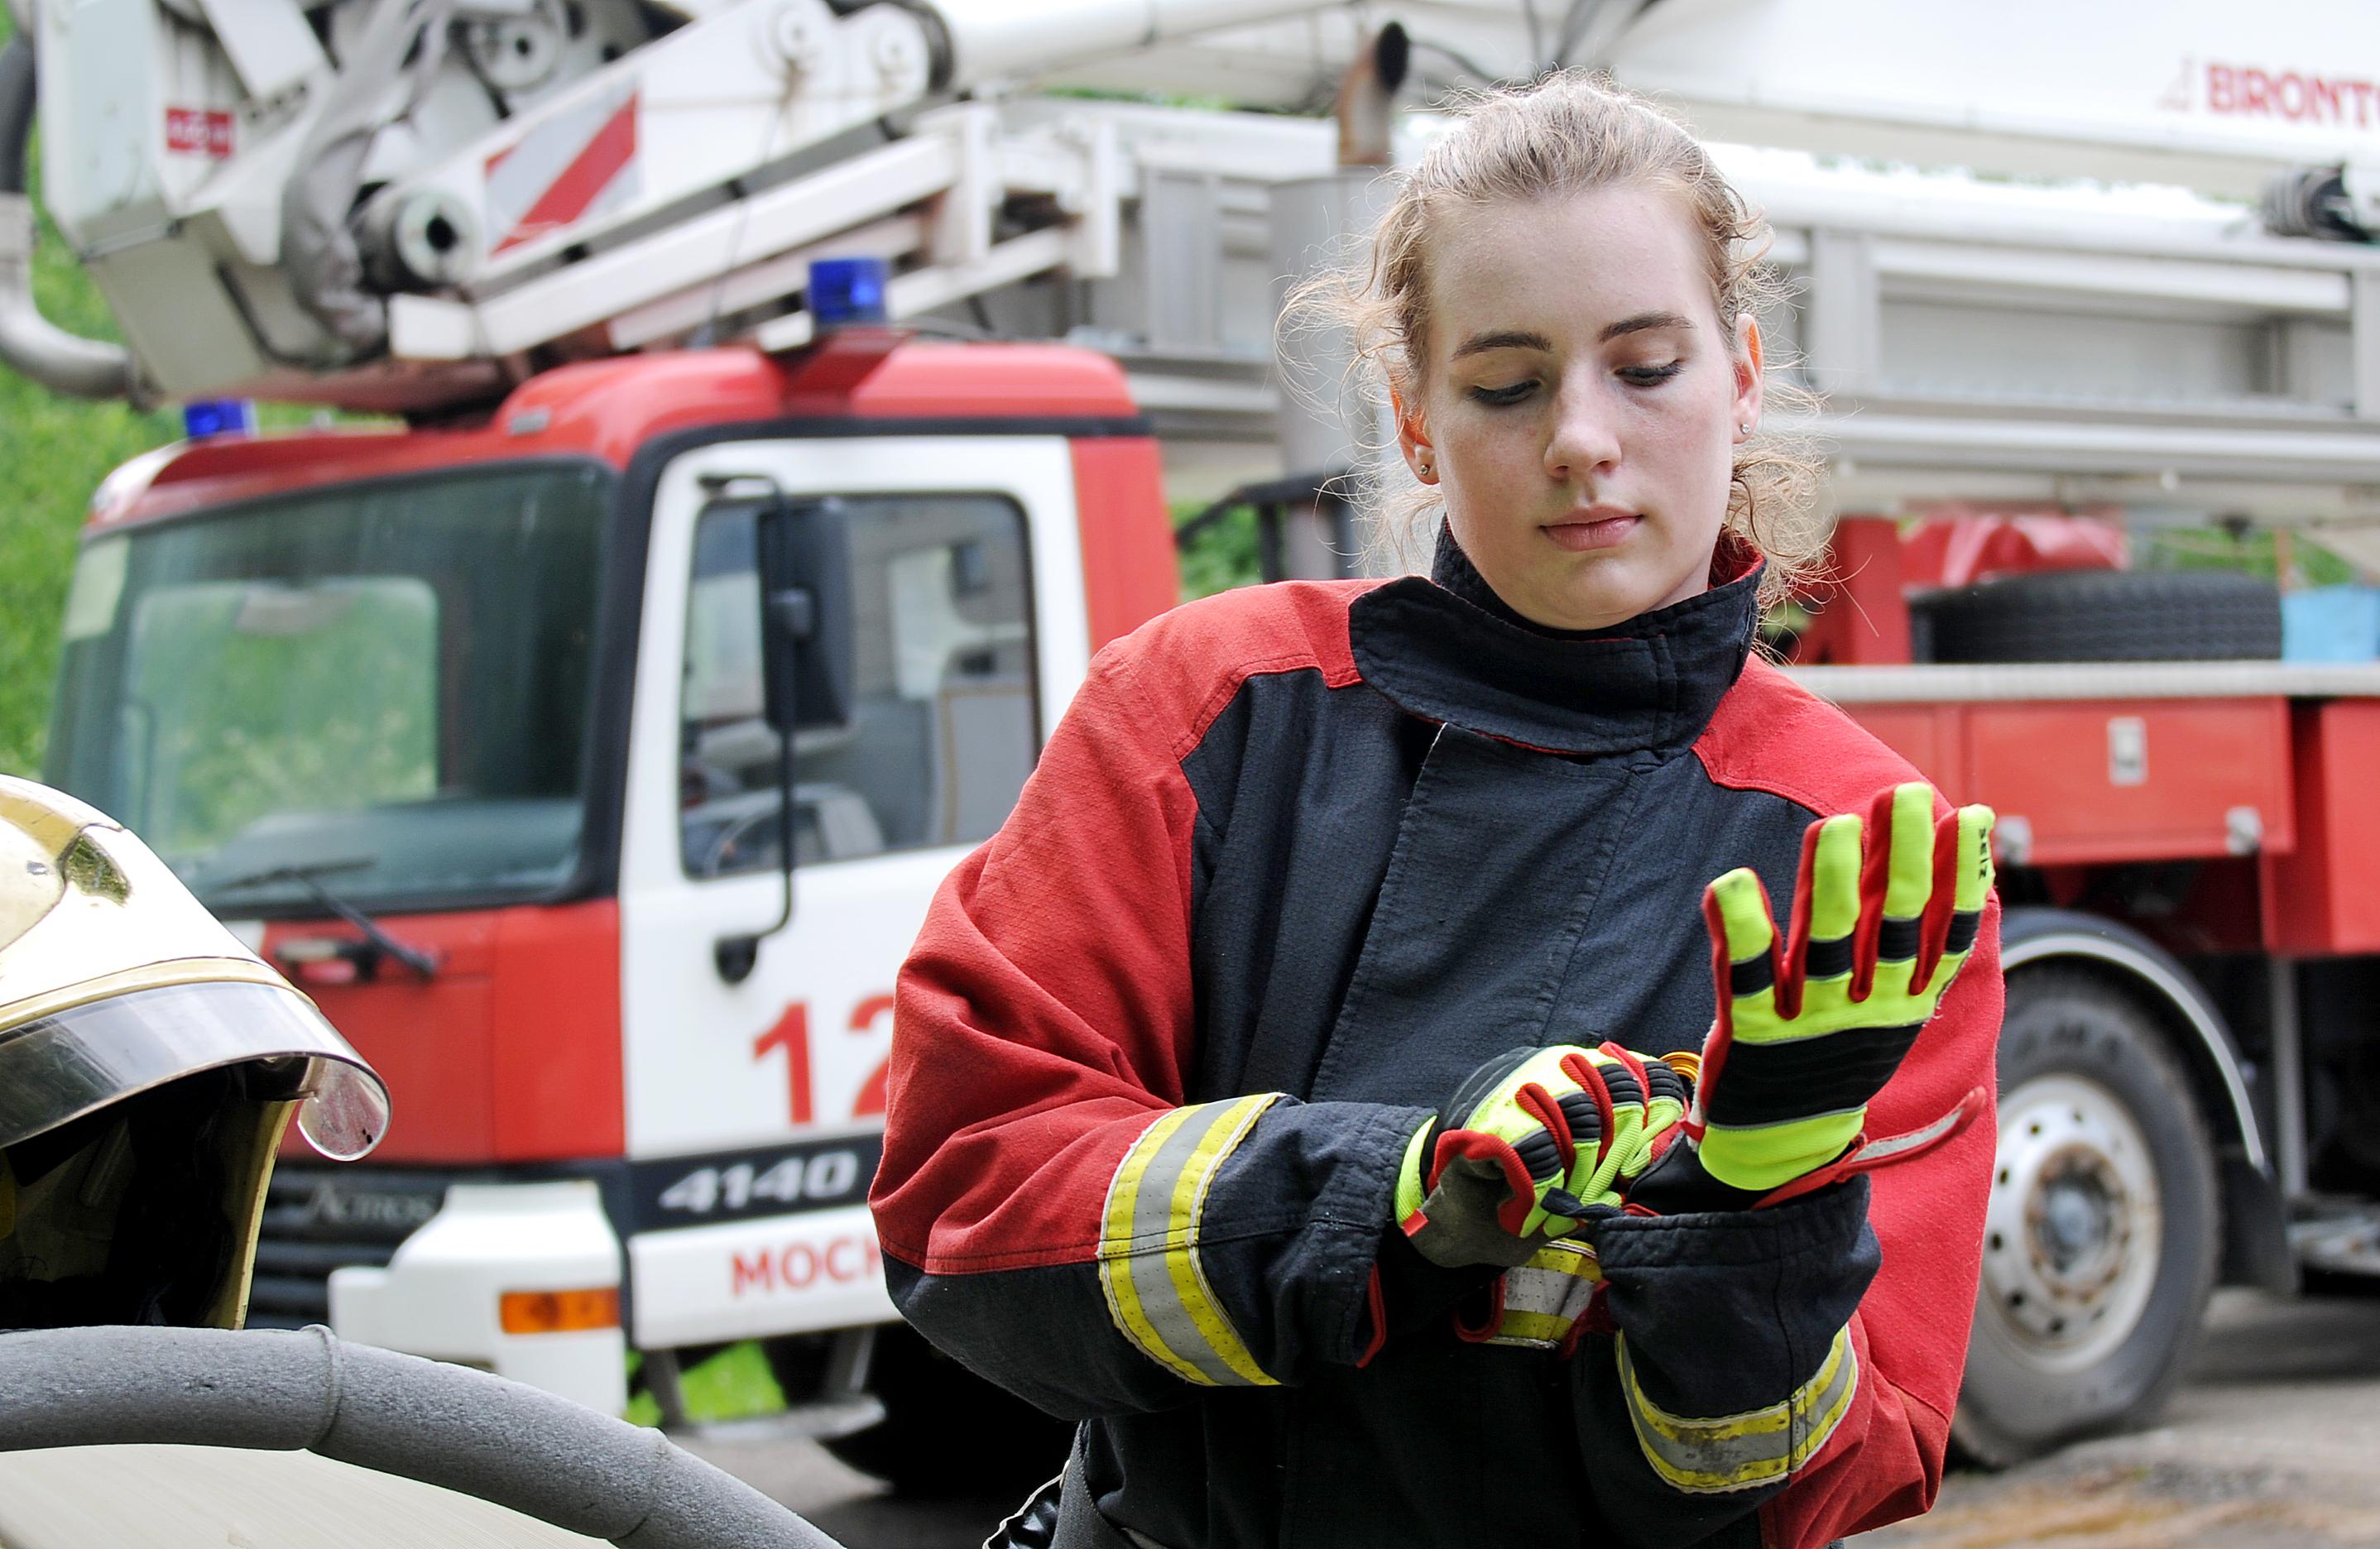 Спасатели из Новой Москвы освободили запертую женщину